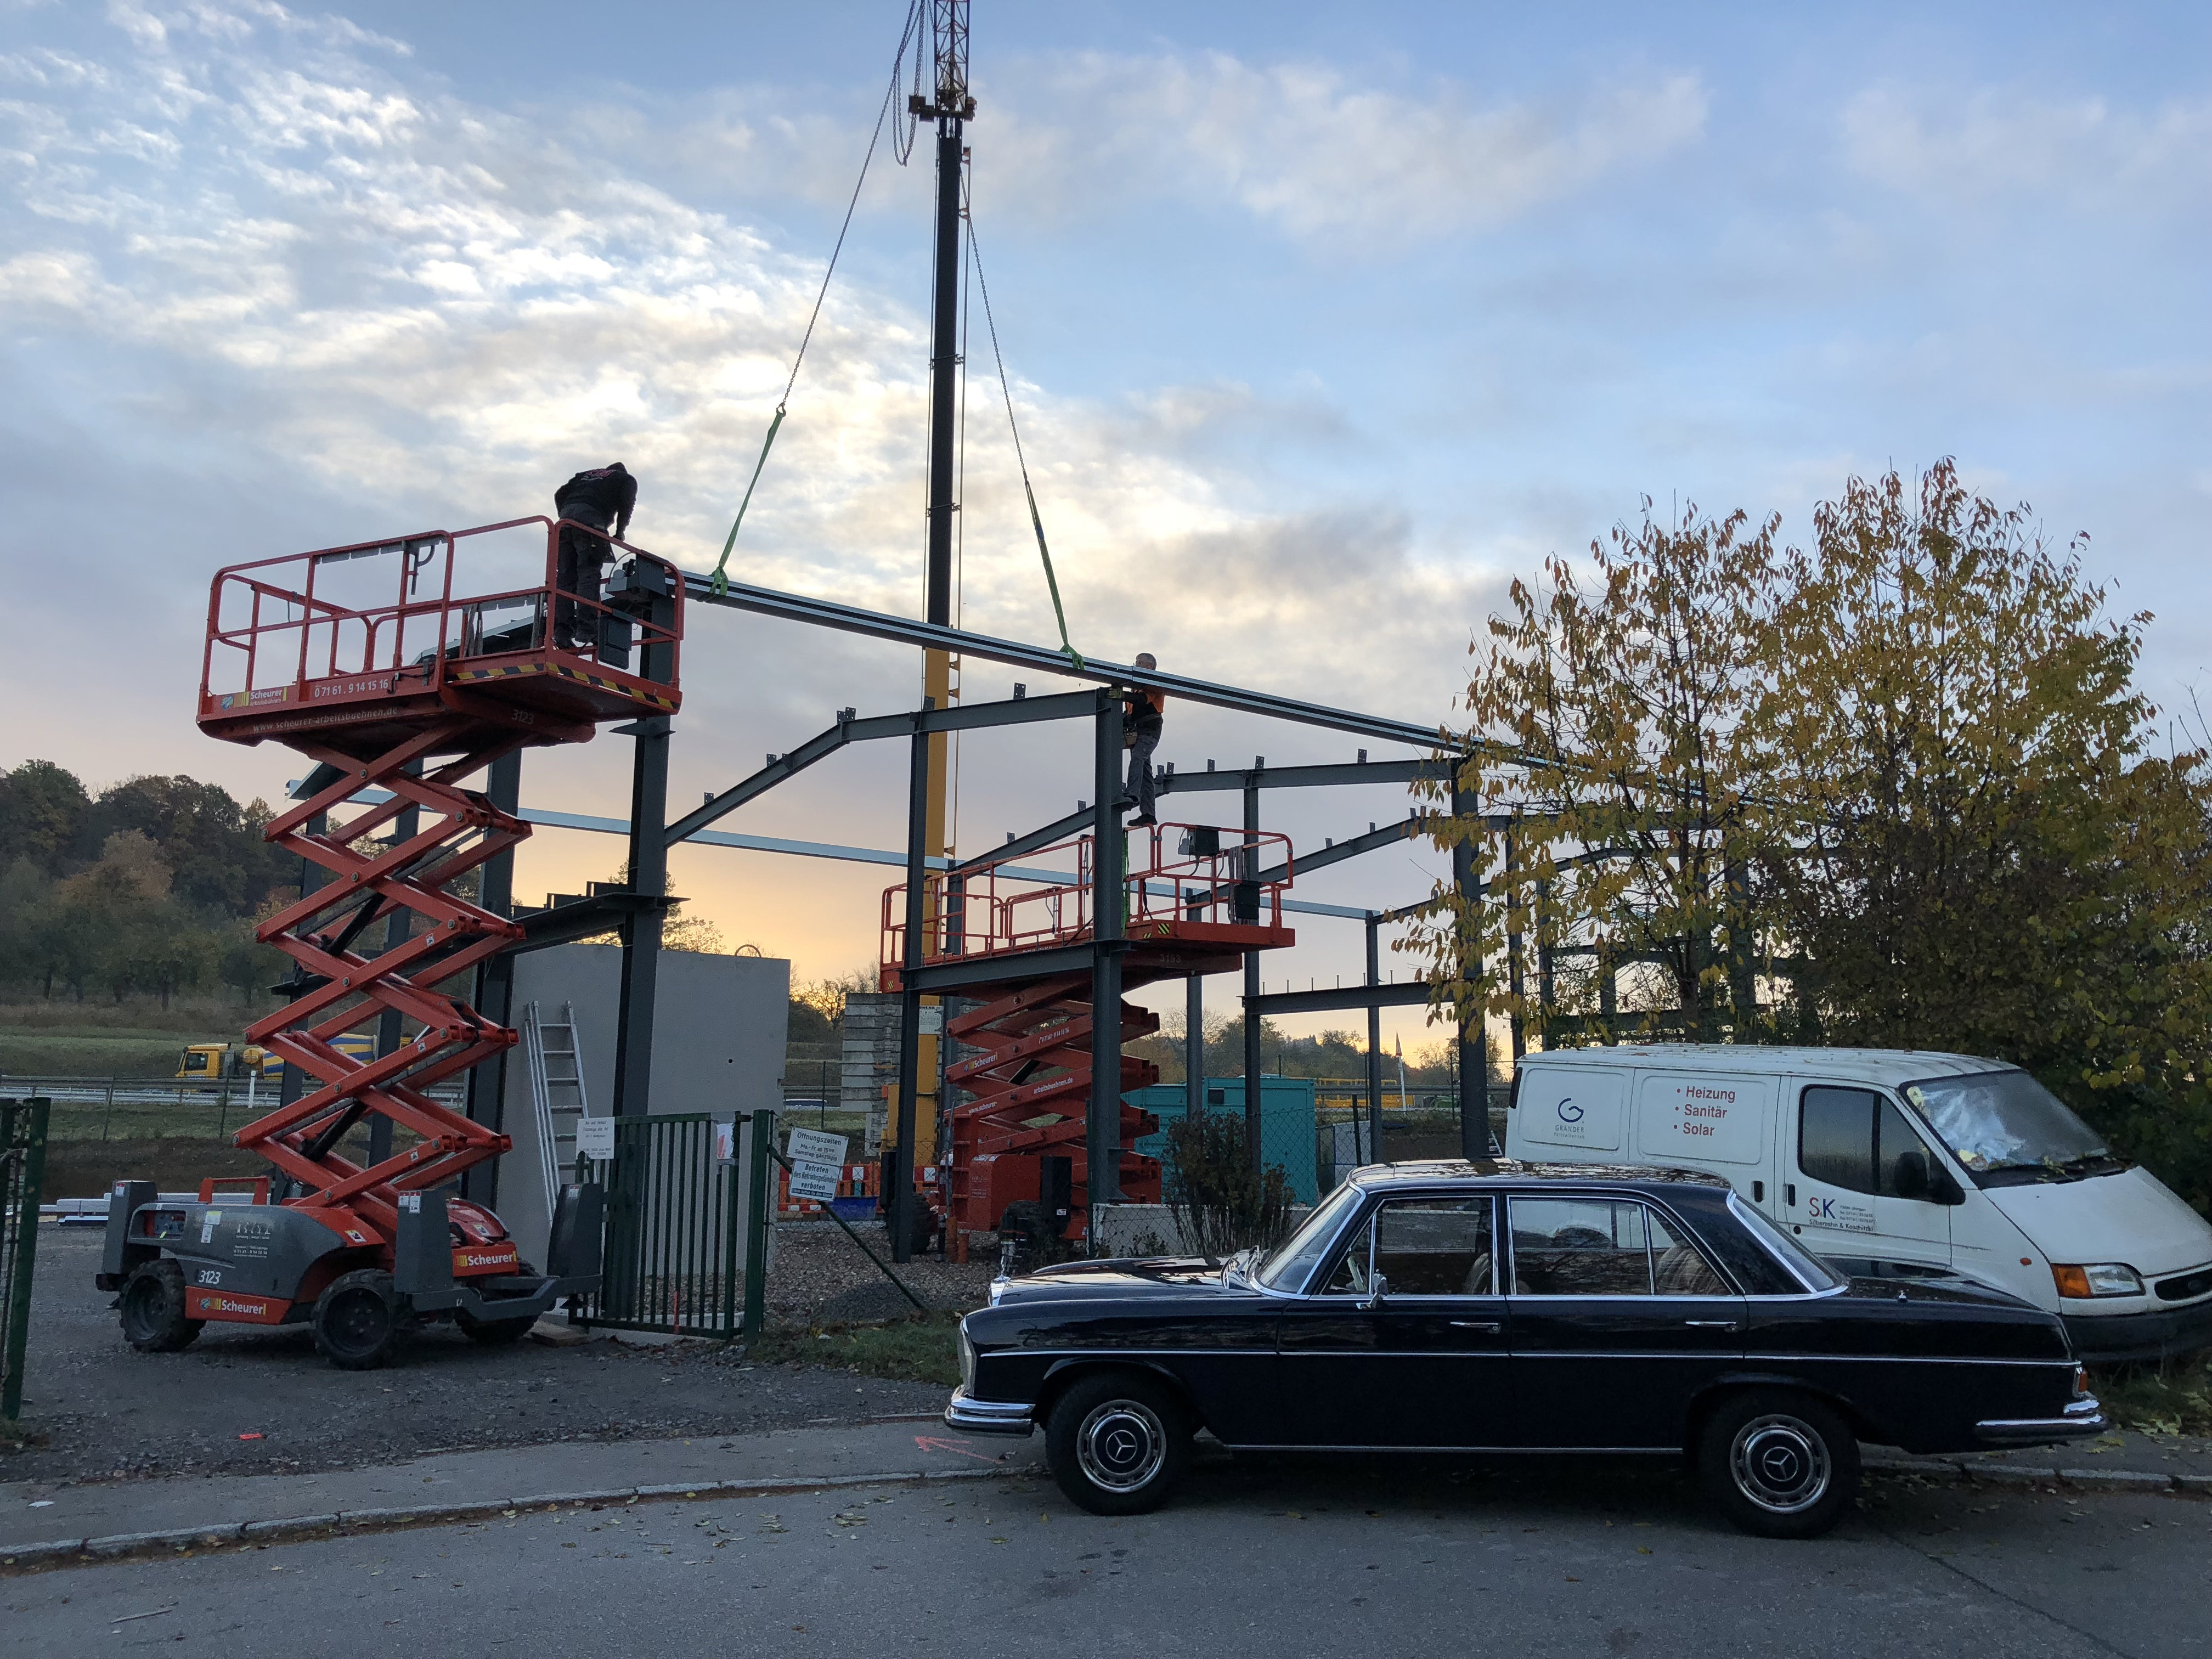 2018-11-07 Stahlbau (1)